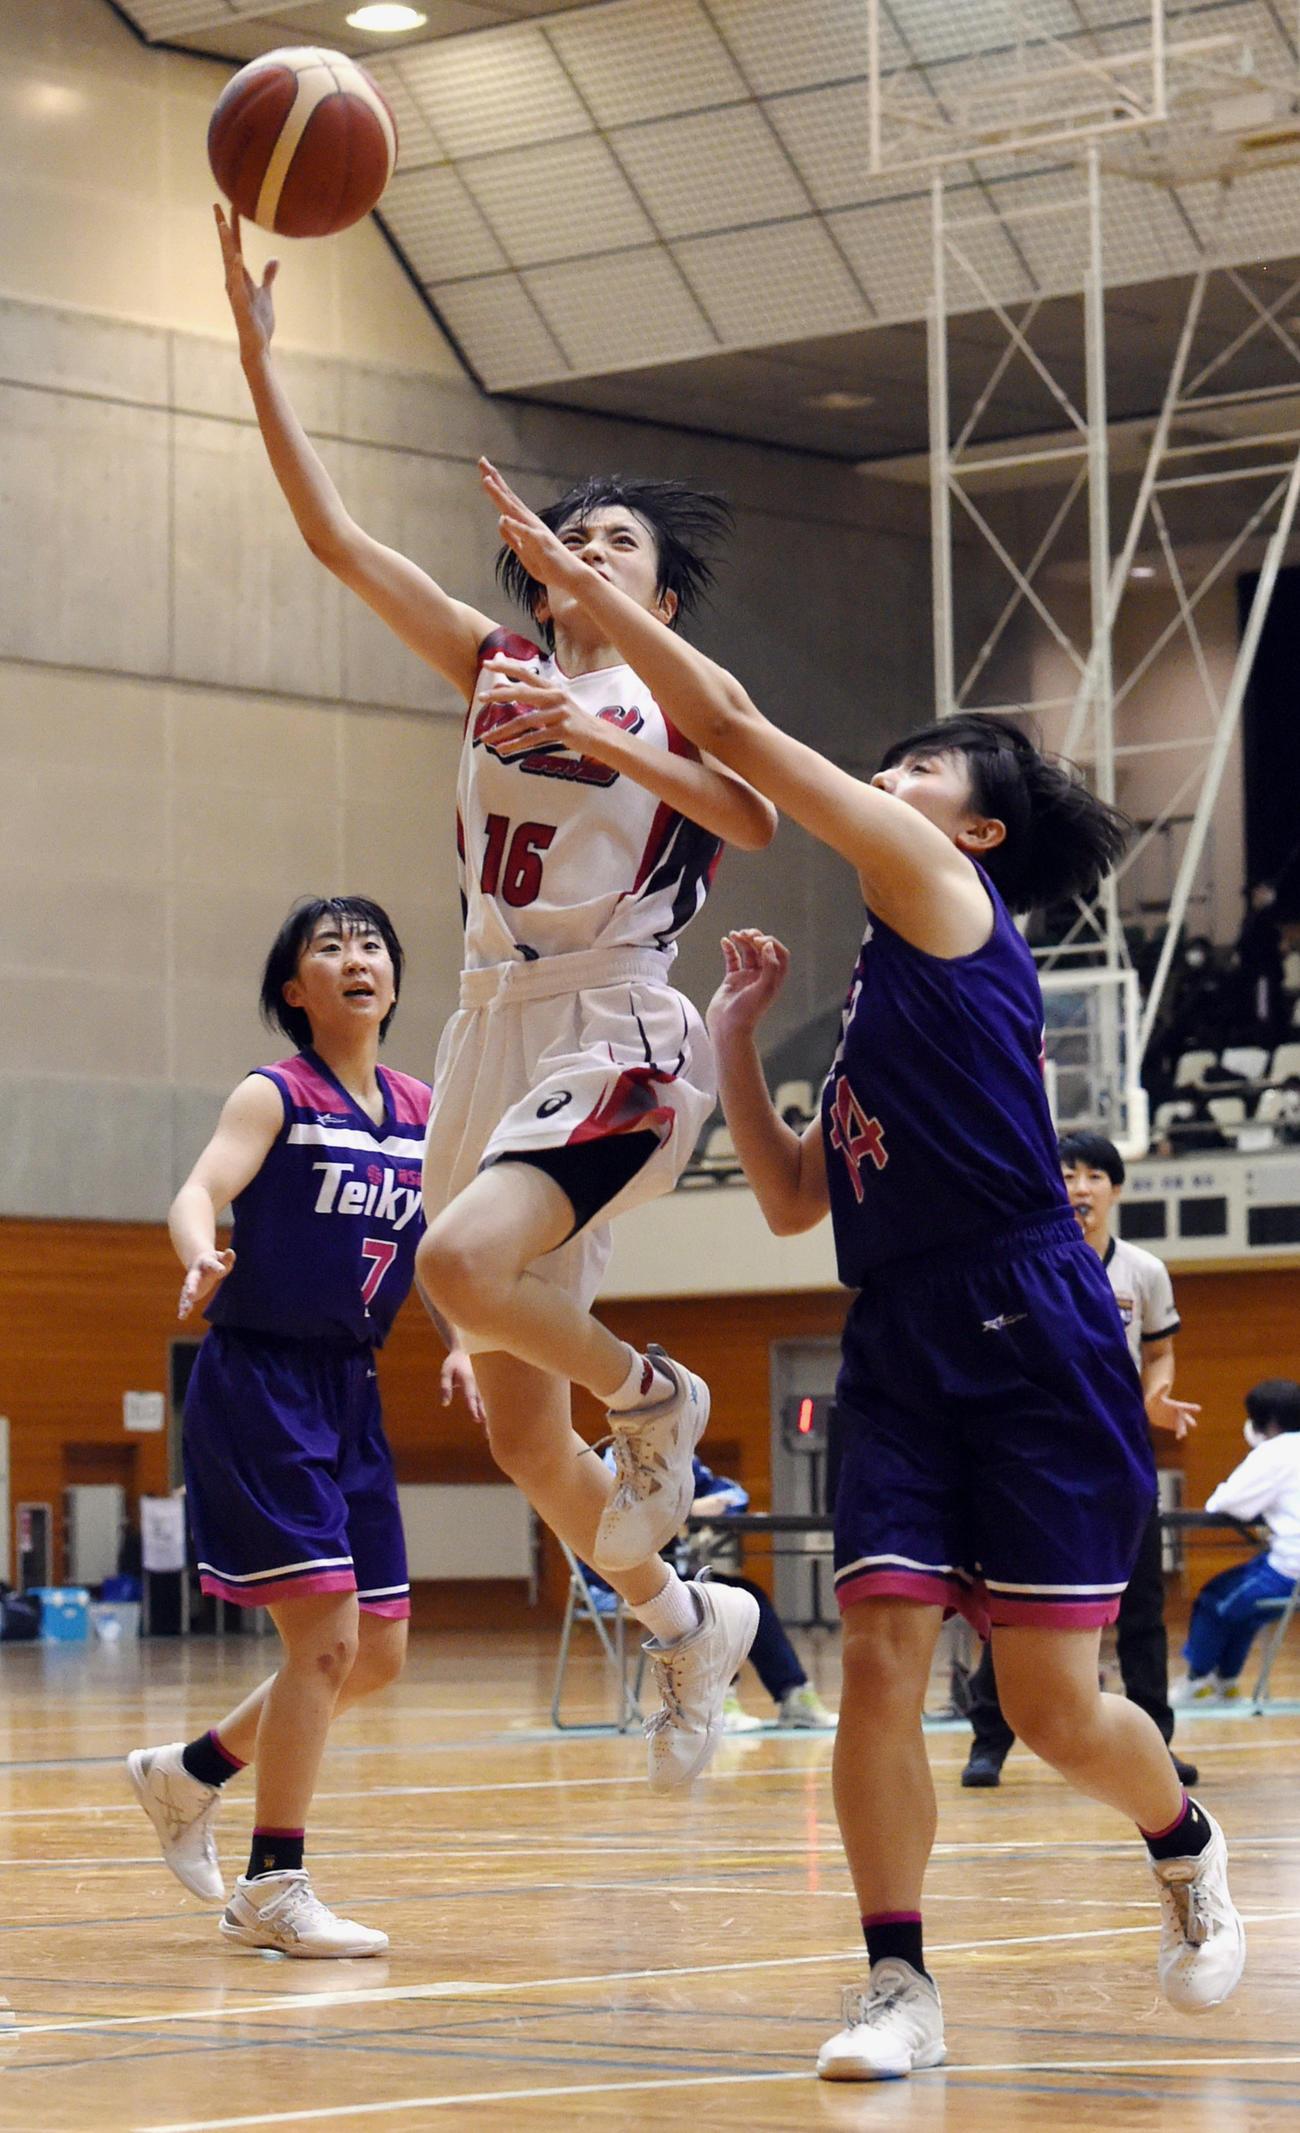 2日、帝京安積と対戦した福島県選手権決勝で、競り合いながらシュートを打つ郡山商・菅野(中央)